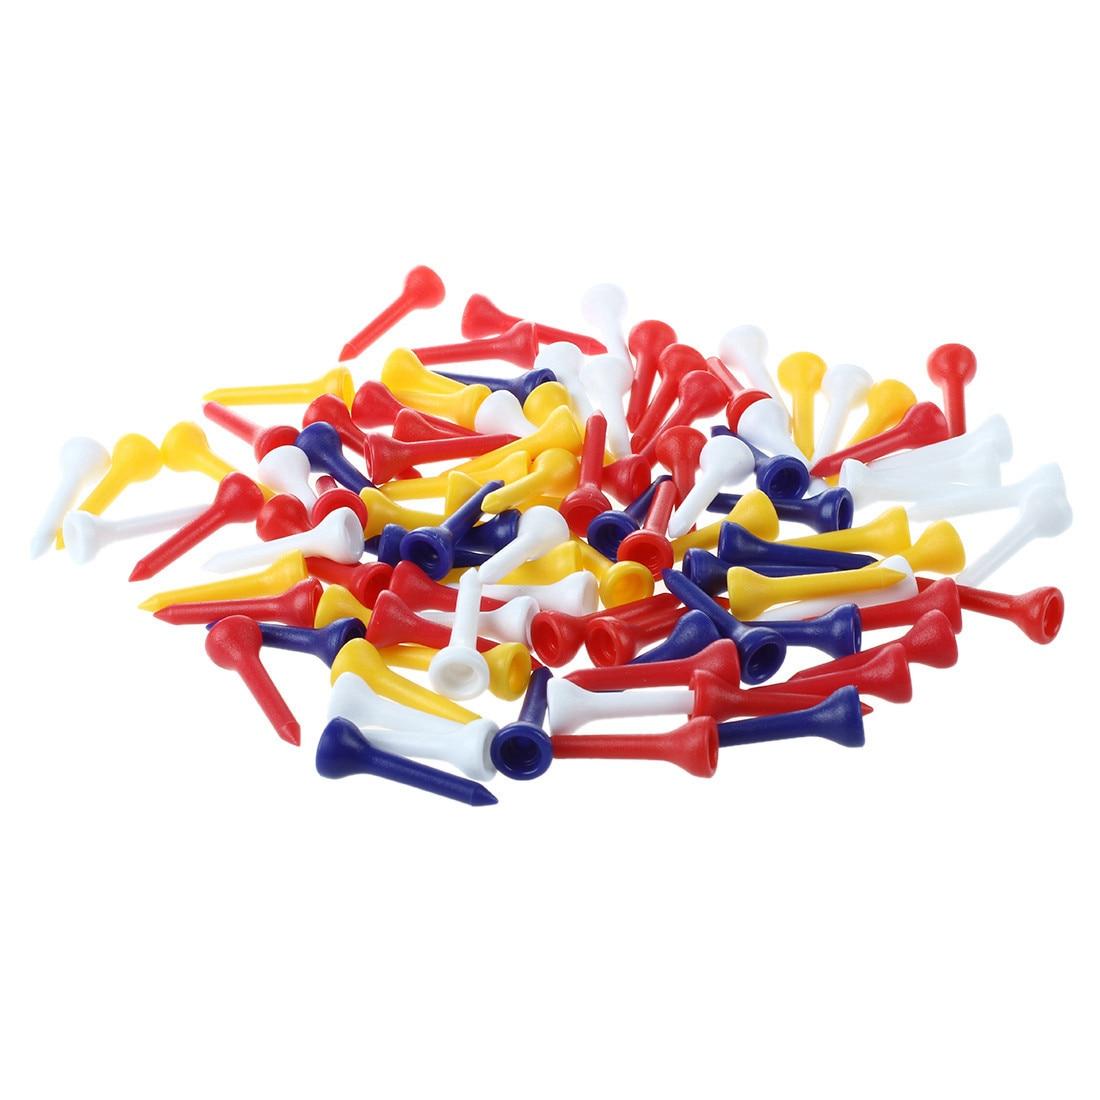 100pcs 35mm Color Mixed Plastic Golf Tees